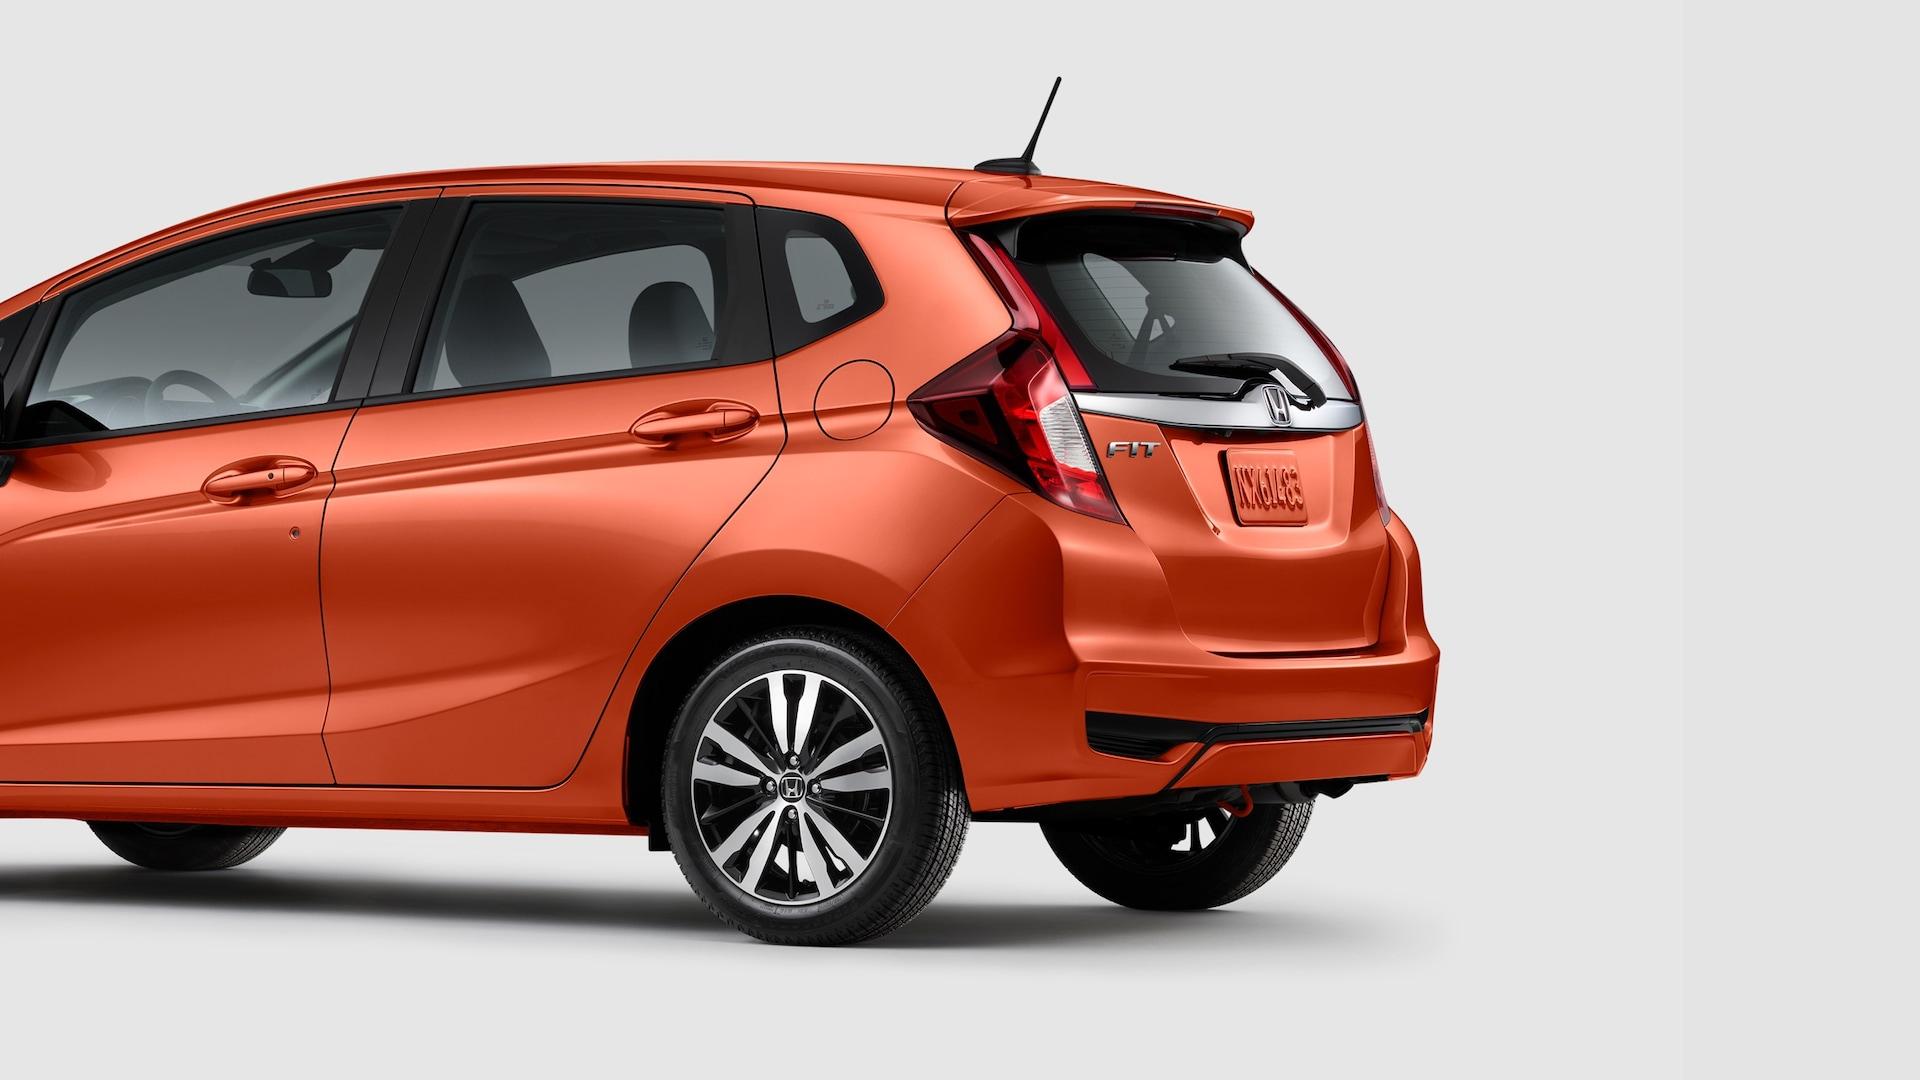 Vista trasera desde el lado del conductor del Honda Fit EX-L2020 en Orange Fury.